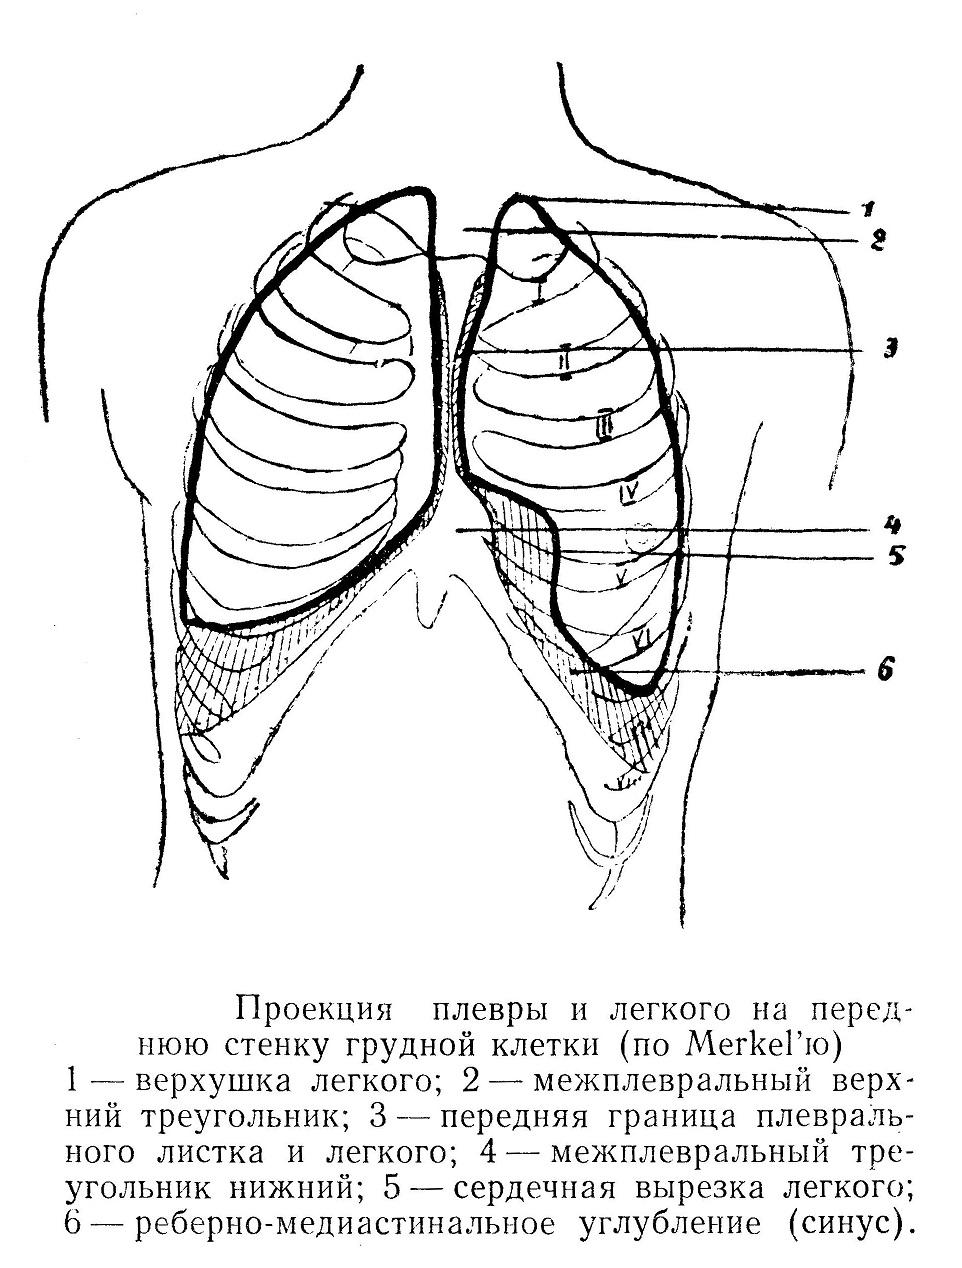 Проекция плевры и легкого на переднюю стенку грудной клетки